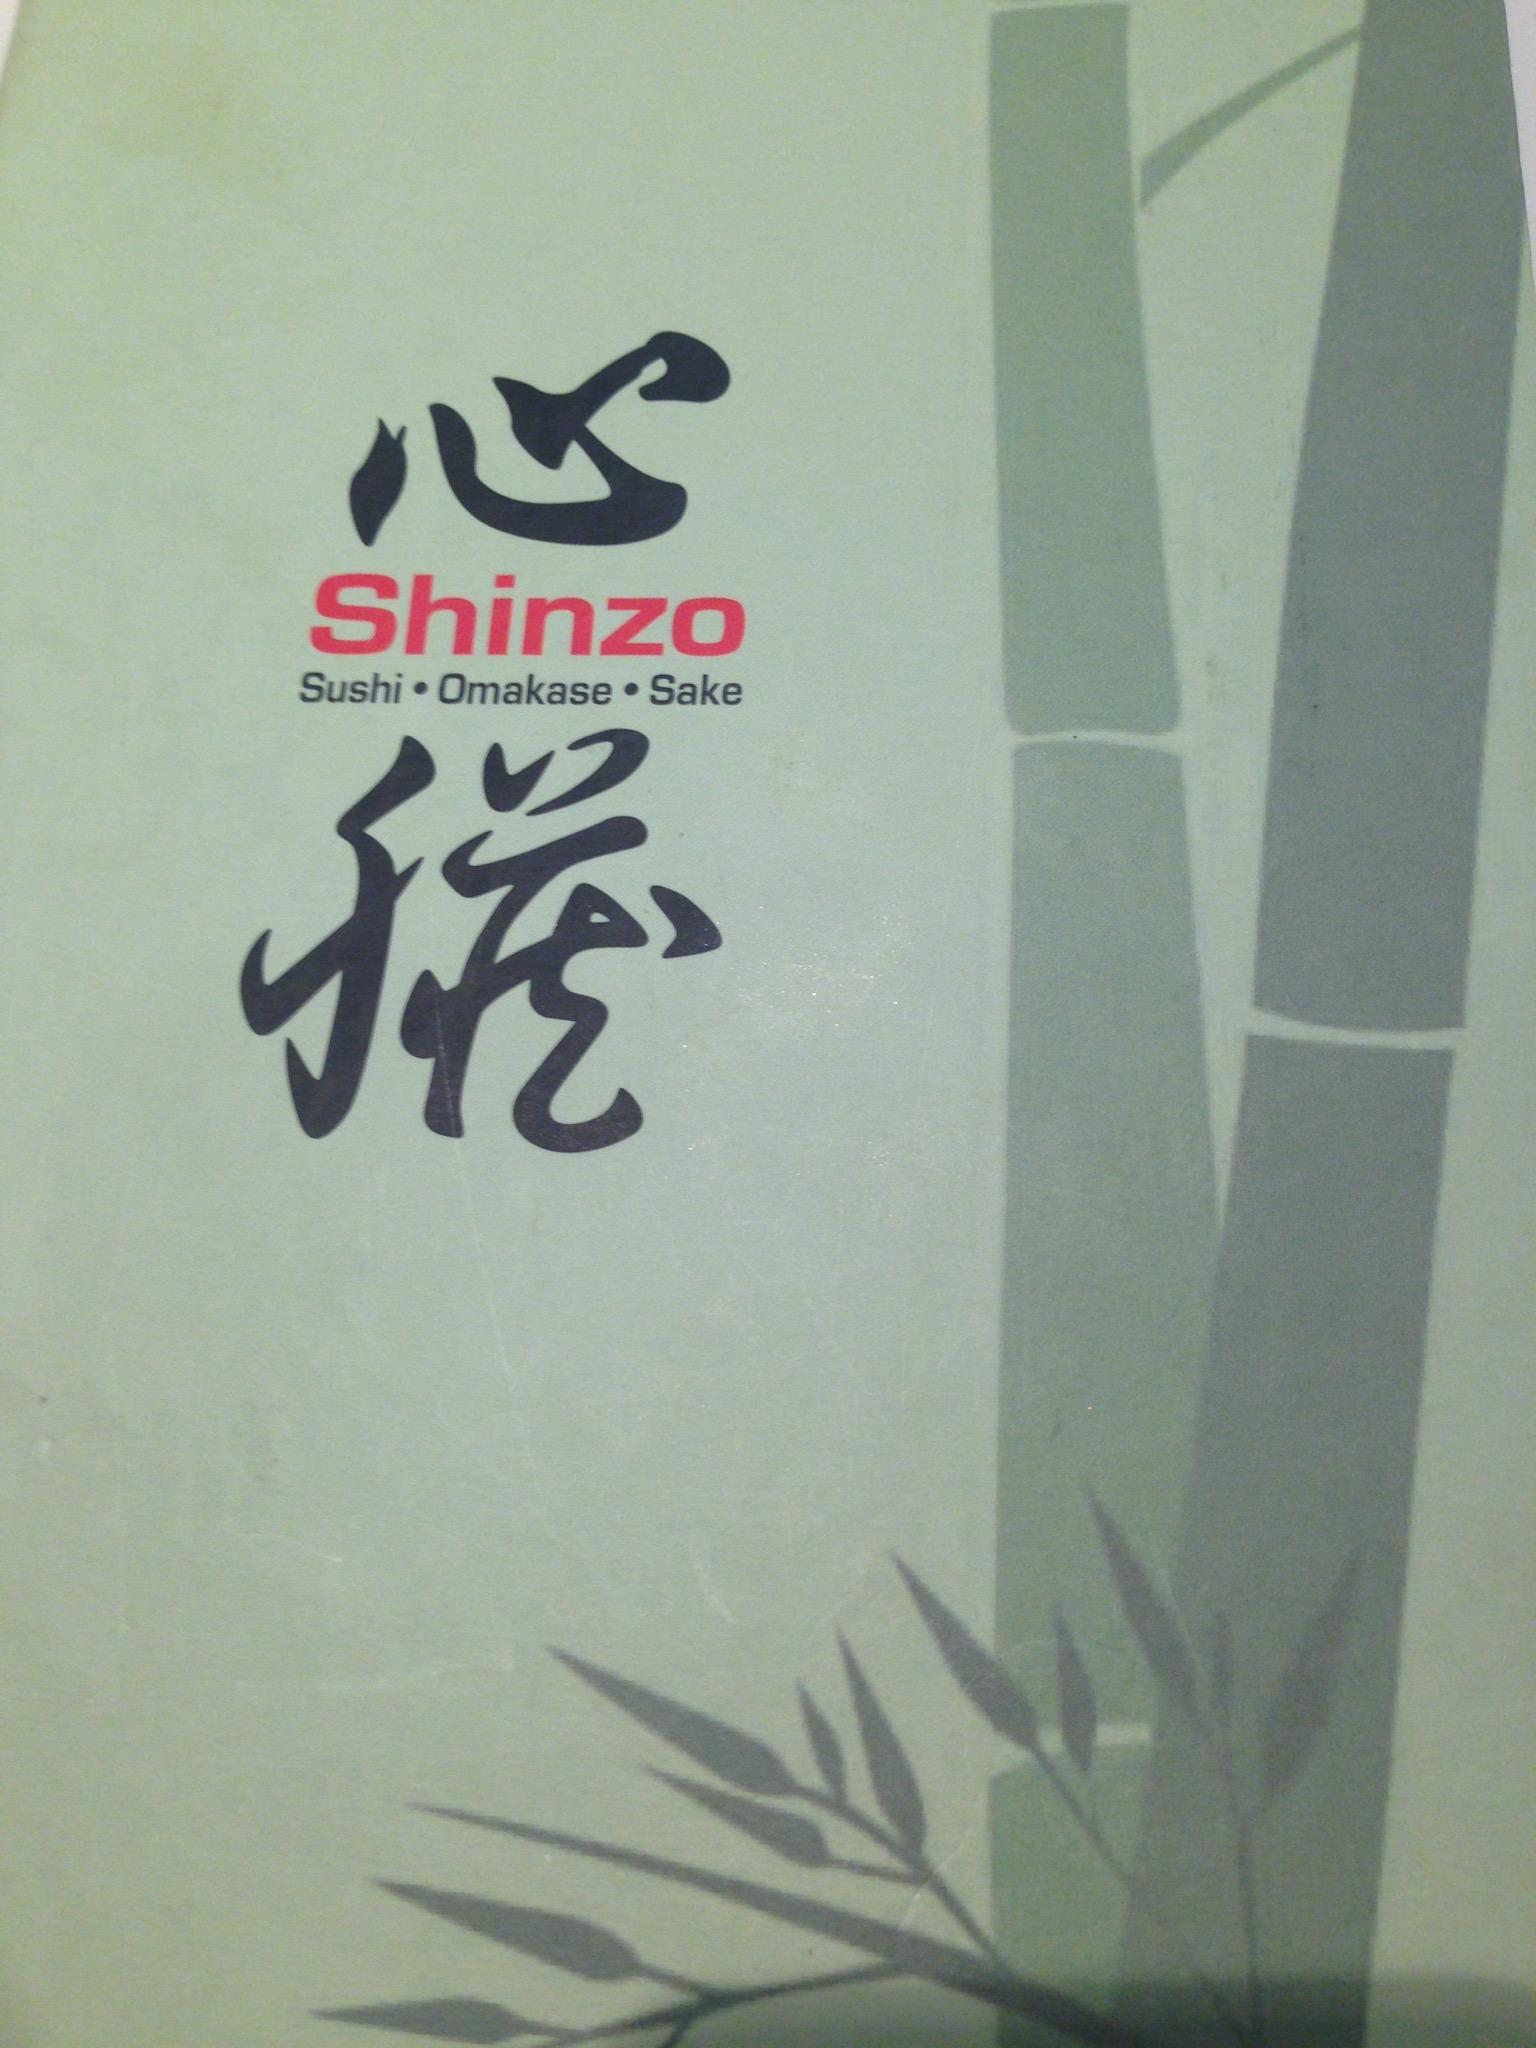 Shinzo at Carpenter Street: All nice things in one place. Sushi, Omakase, Sake.